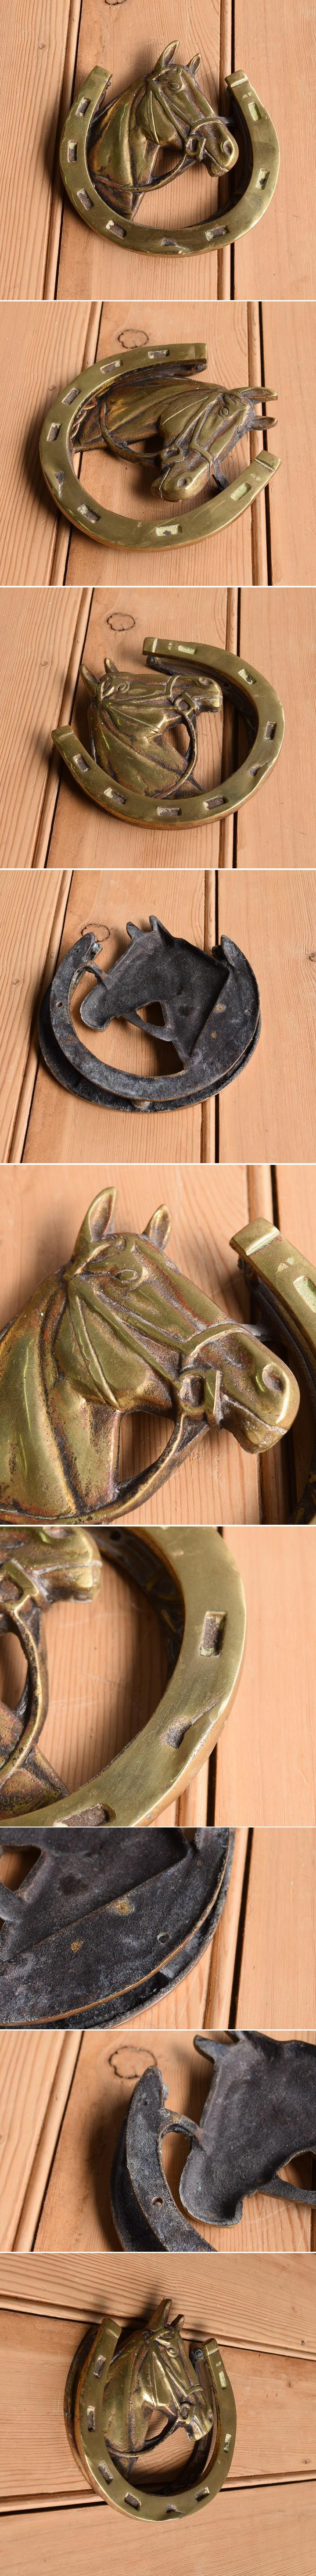 イギリス アンティーク 真鍮製ドアノッカー 10353